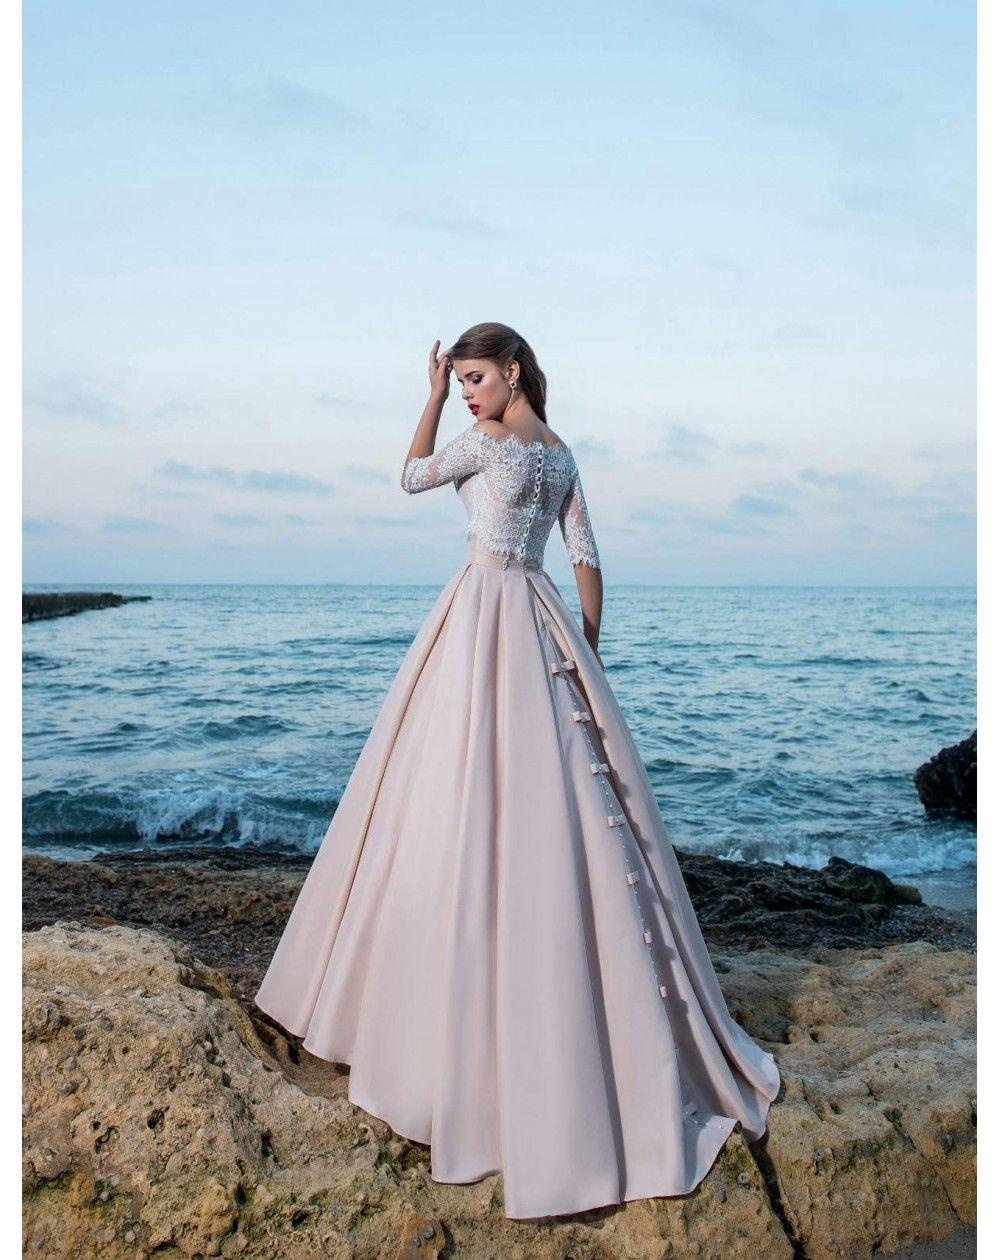 ff4192ac69ff Princeznovské plesové šaty s veľkou saténovou sukňou s protiskladmi a  vreckami. Zvršok s lodičkovým výstrihom a krátkymi rukávmi je ušitý z  jemnej čipky.